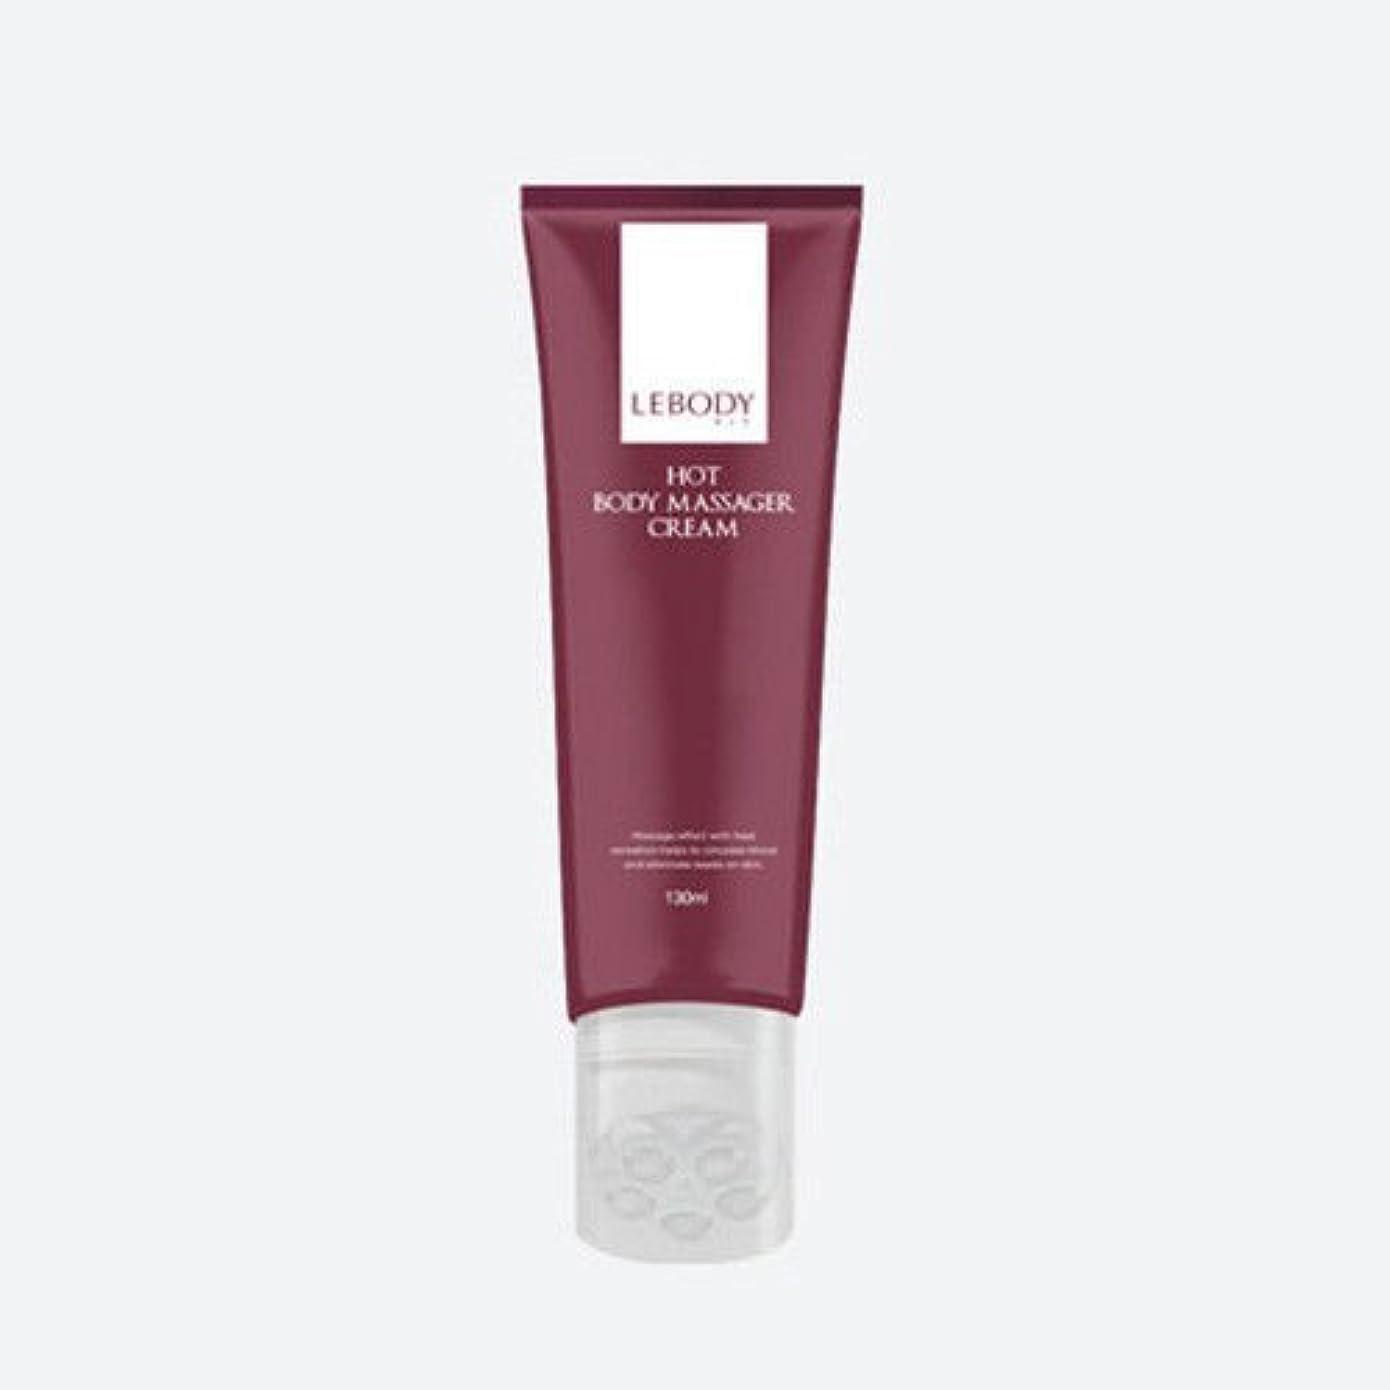 スキム等しいヘビー[並行輸入品] LEBODYレボディフィットホットボディマッサージクリーム130ml / LEBODY Fit Hot Body Massager Cream 130ml